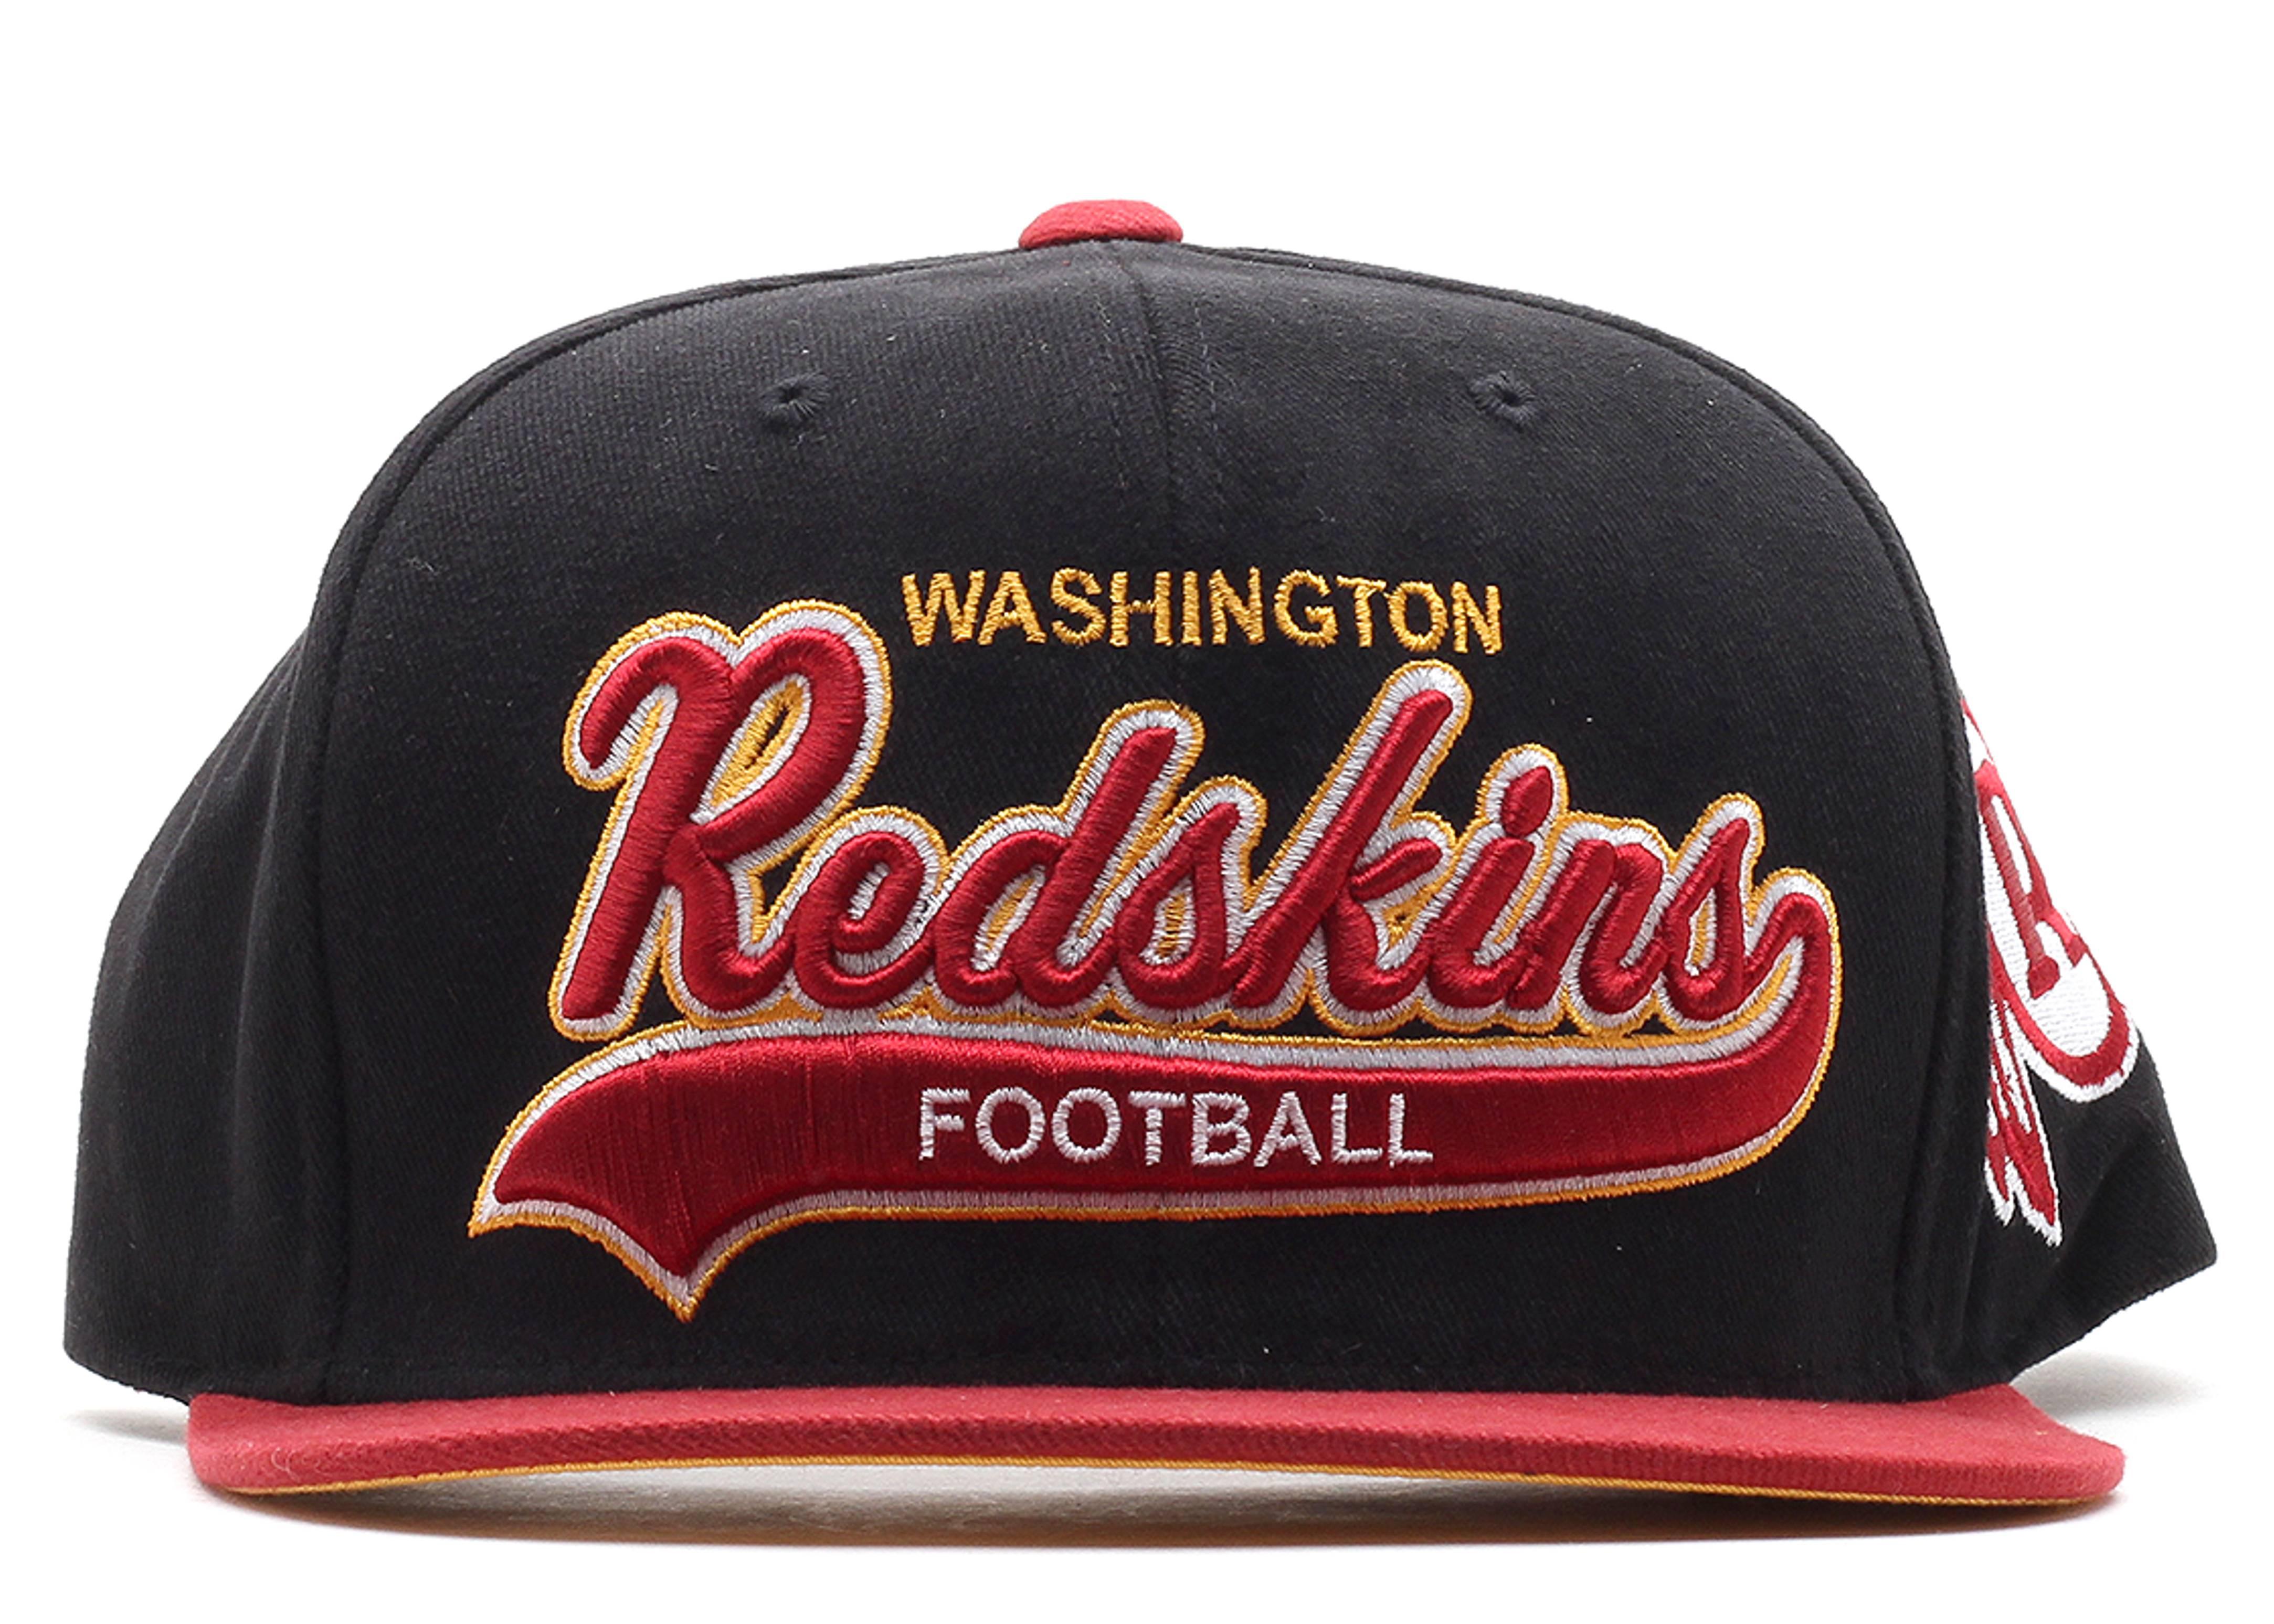 washington redskins snap-back